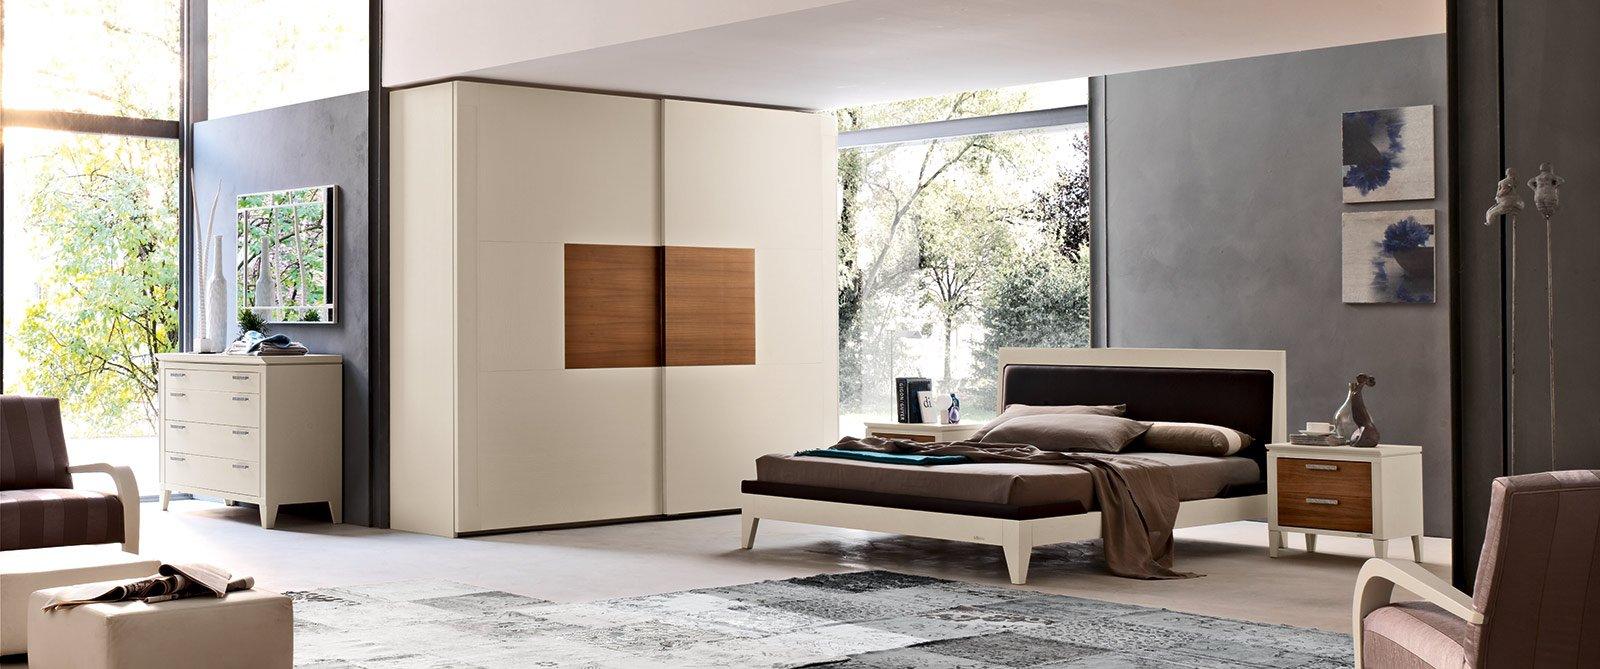 Camera da letto a tinte chiare cose di casa - Fablier camere da letto ...